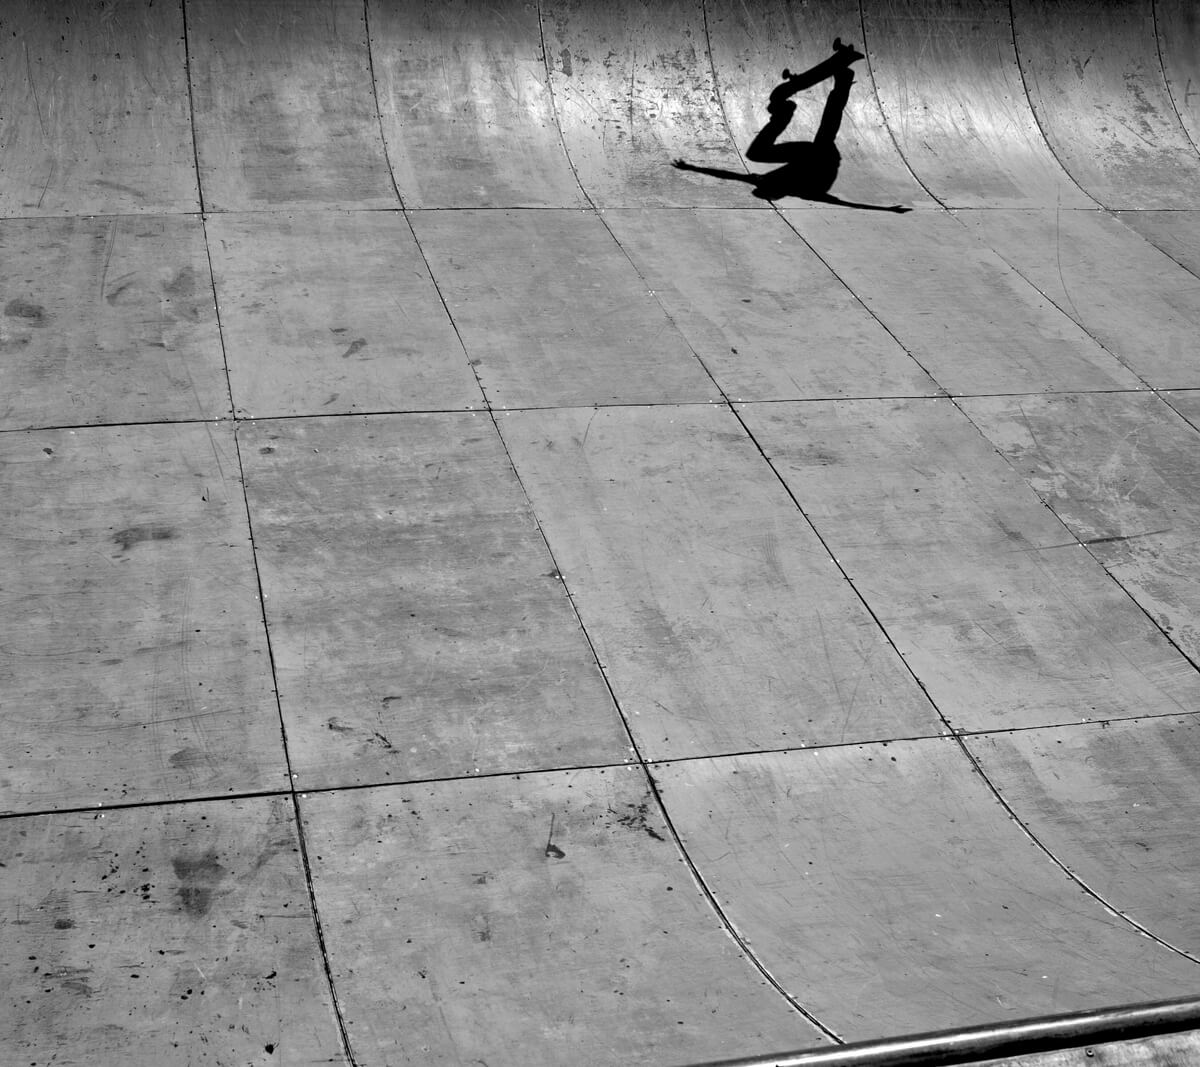 o marisquiño vigo salto skate sombra